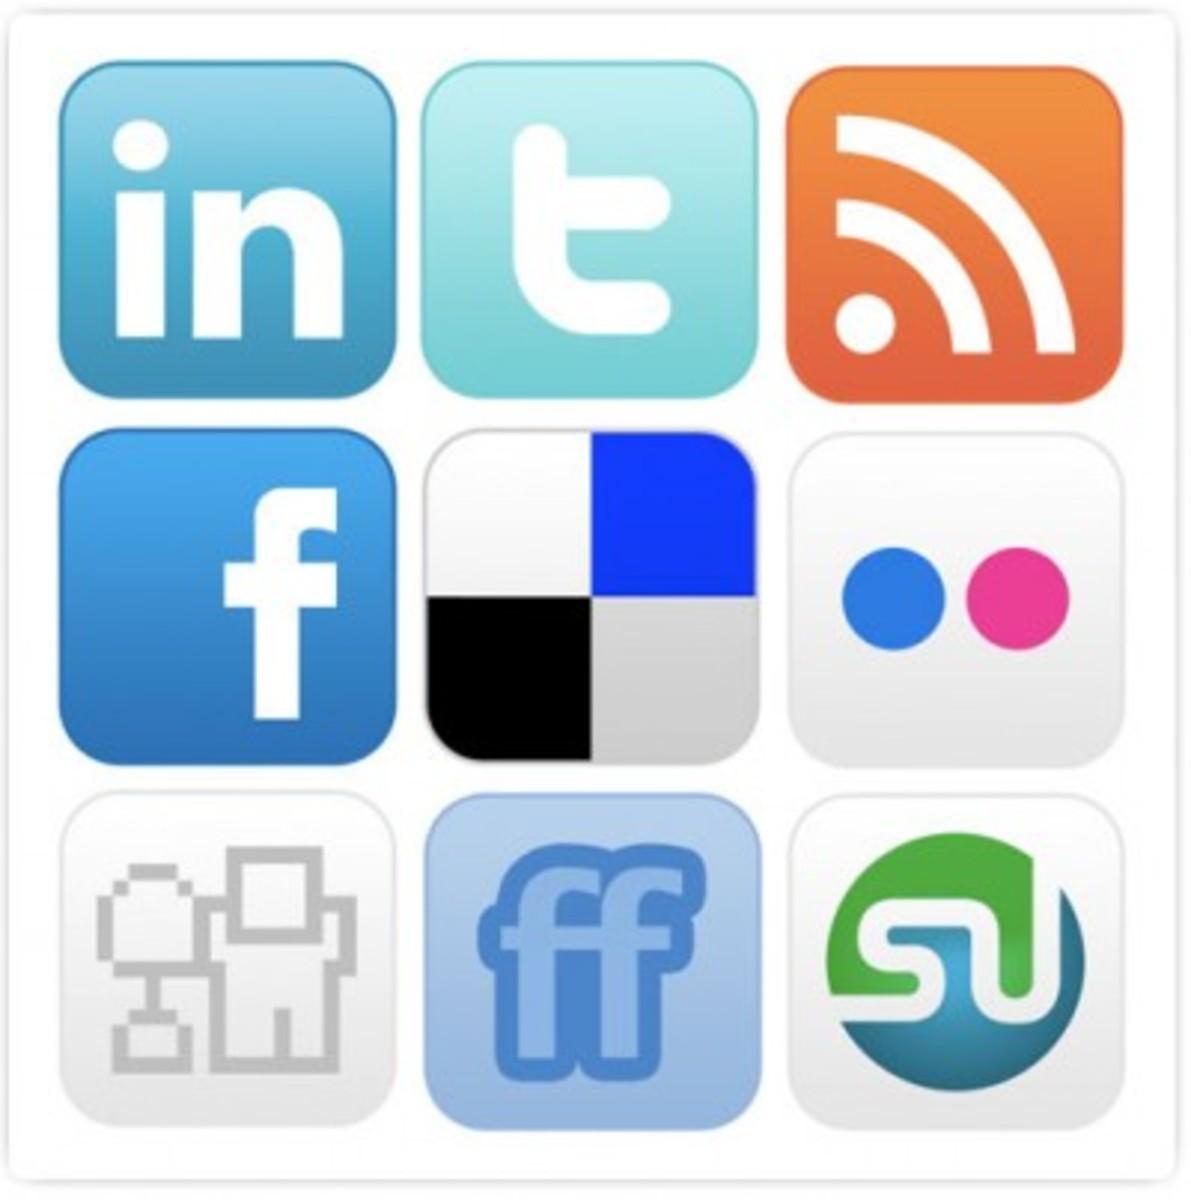 social-media-icons-400x403